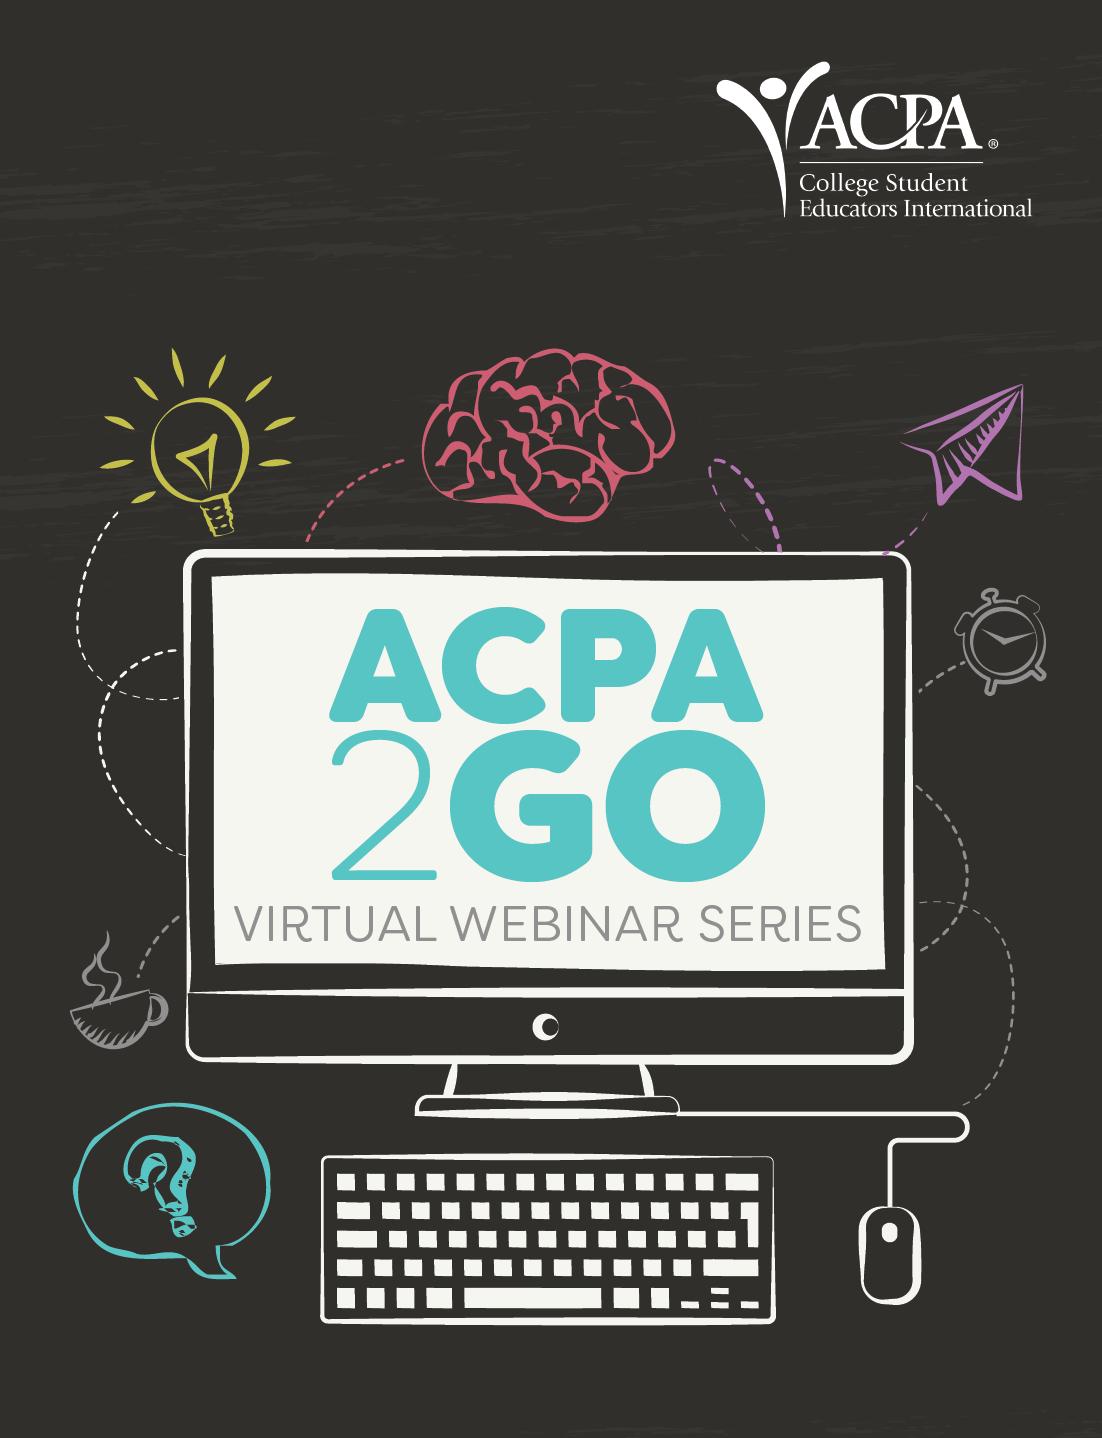 ACPA2GO virtual webinar series